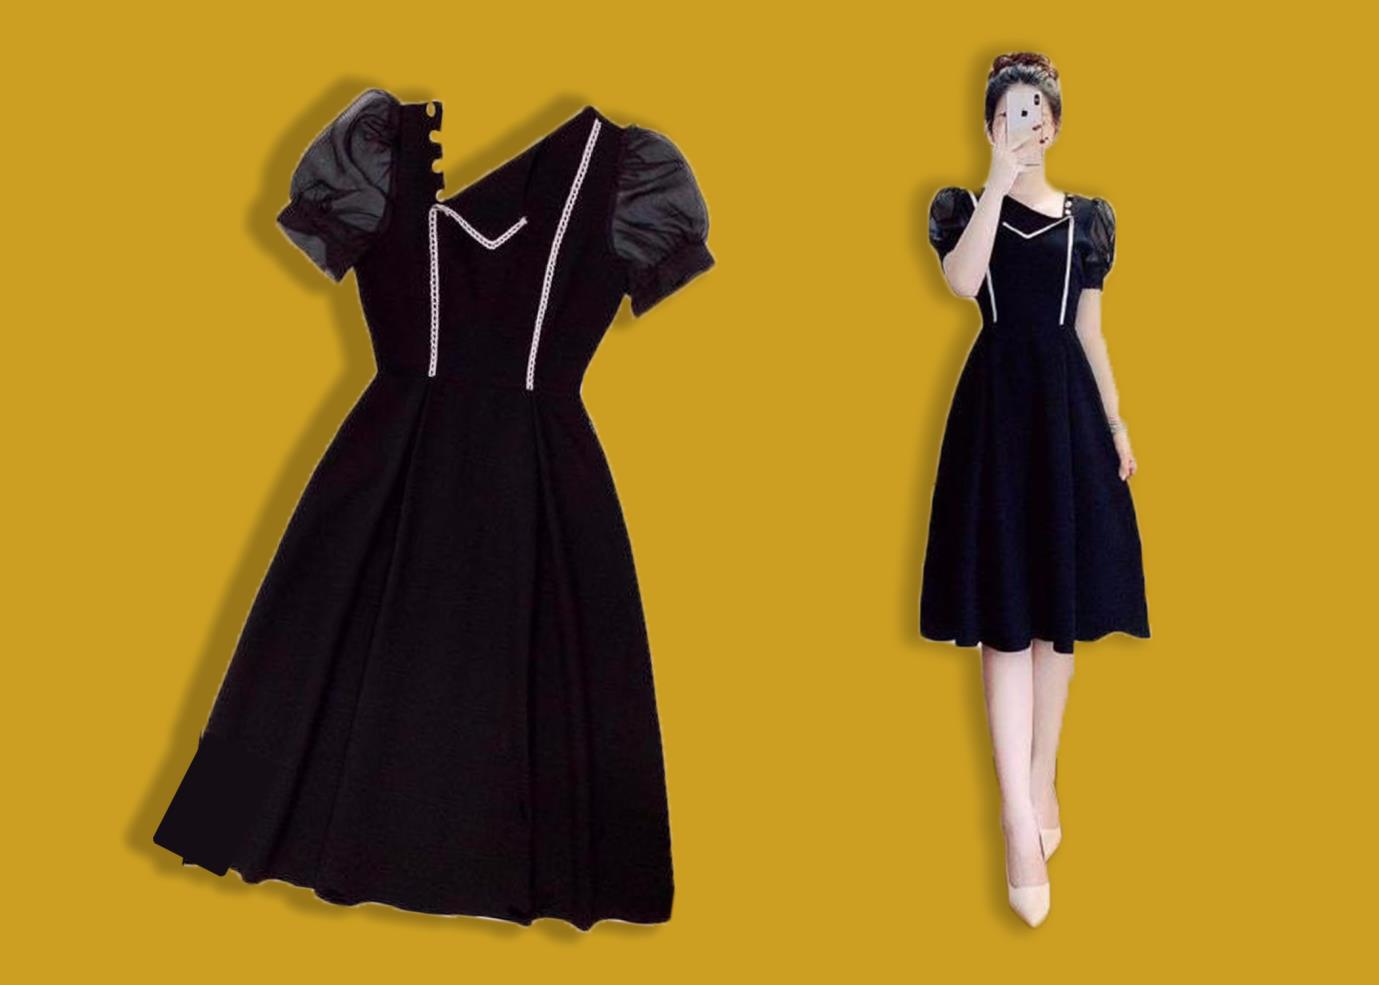 Thương Lê Boutique - Thương hiệu thời trang thiết kế cao cấp cho phái đẹp - Ảnh 4.